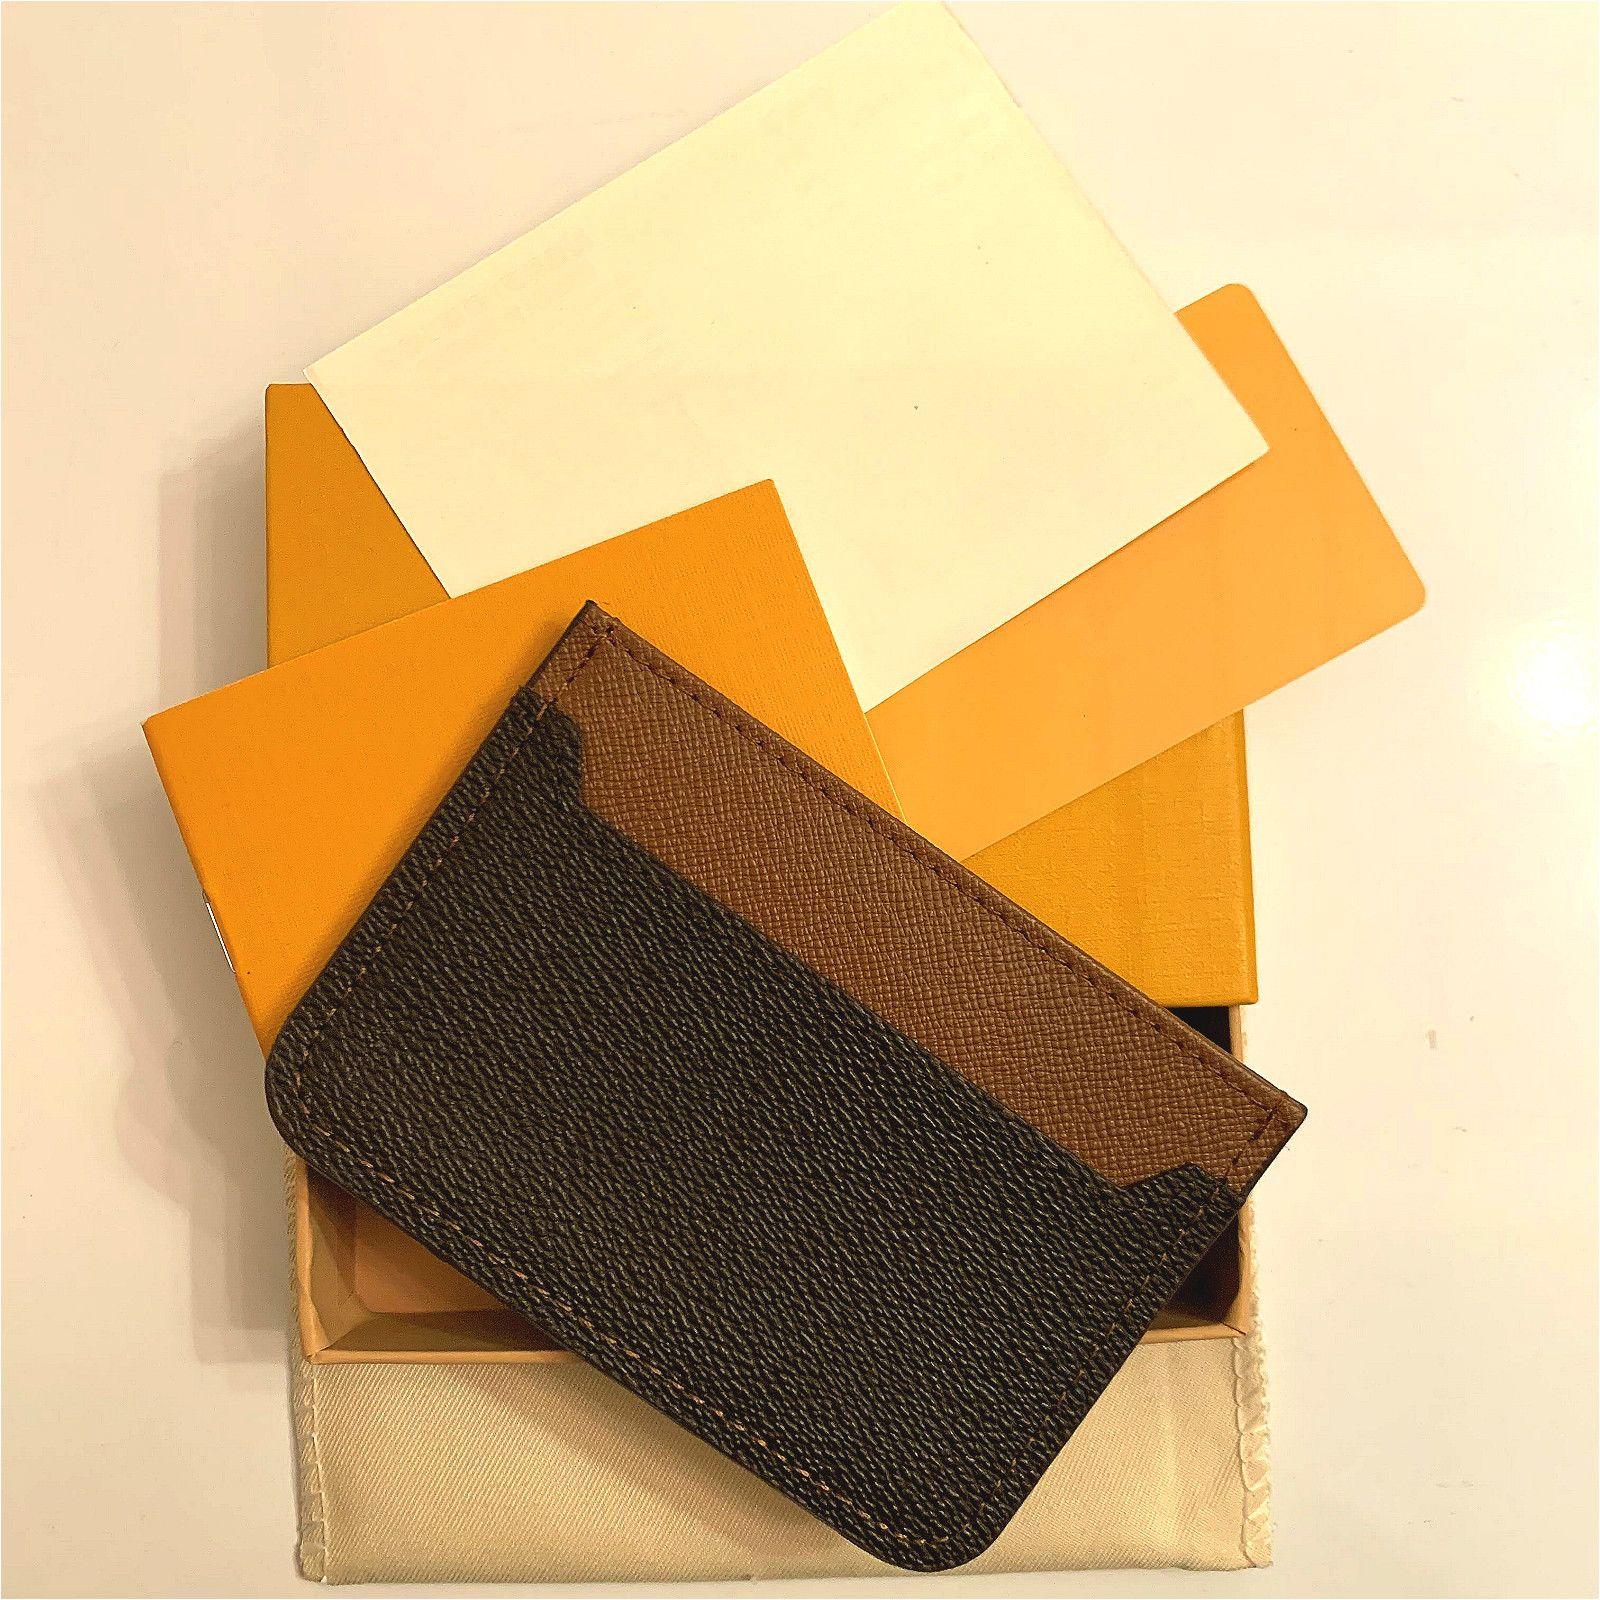 2020 New Mens Fashion Classic Design Casual Credit Card Holder Hiqh Quality Real Leather Pelle Ultra Slim Portafanico Borsa da portafoglio per Mans / Womans